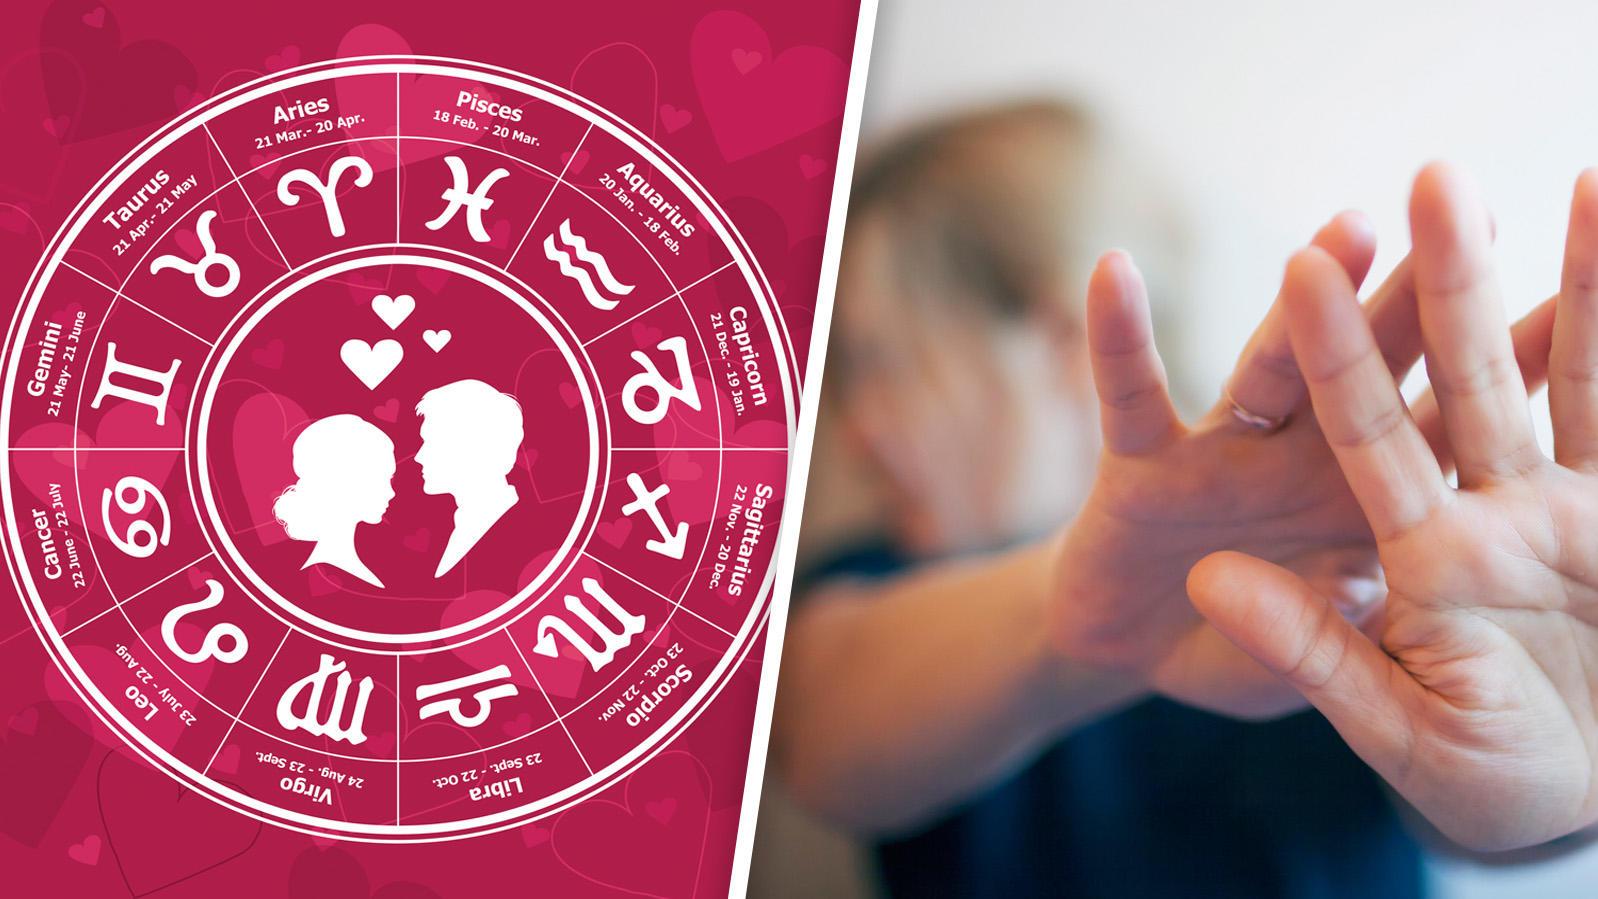 """Verherrlicht das """"Tina""""-Horoskop Gewalt in der Partnerschaft?"""